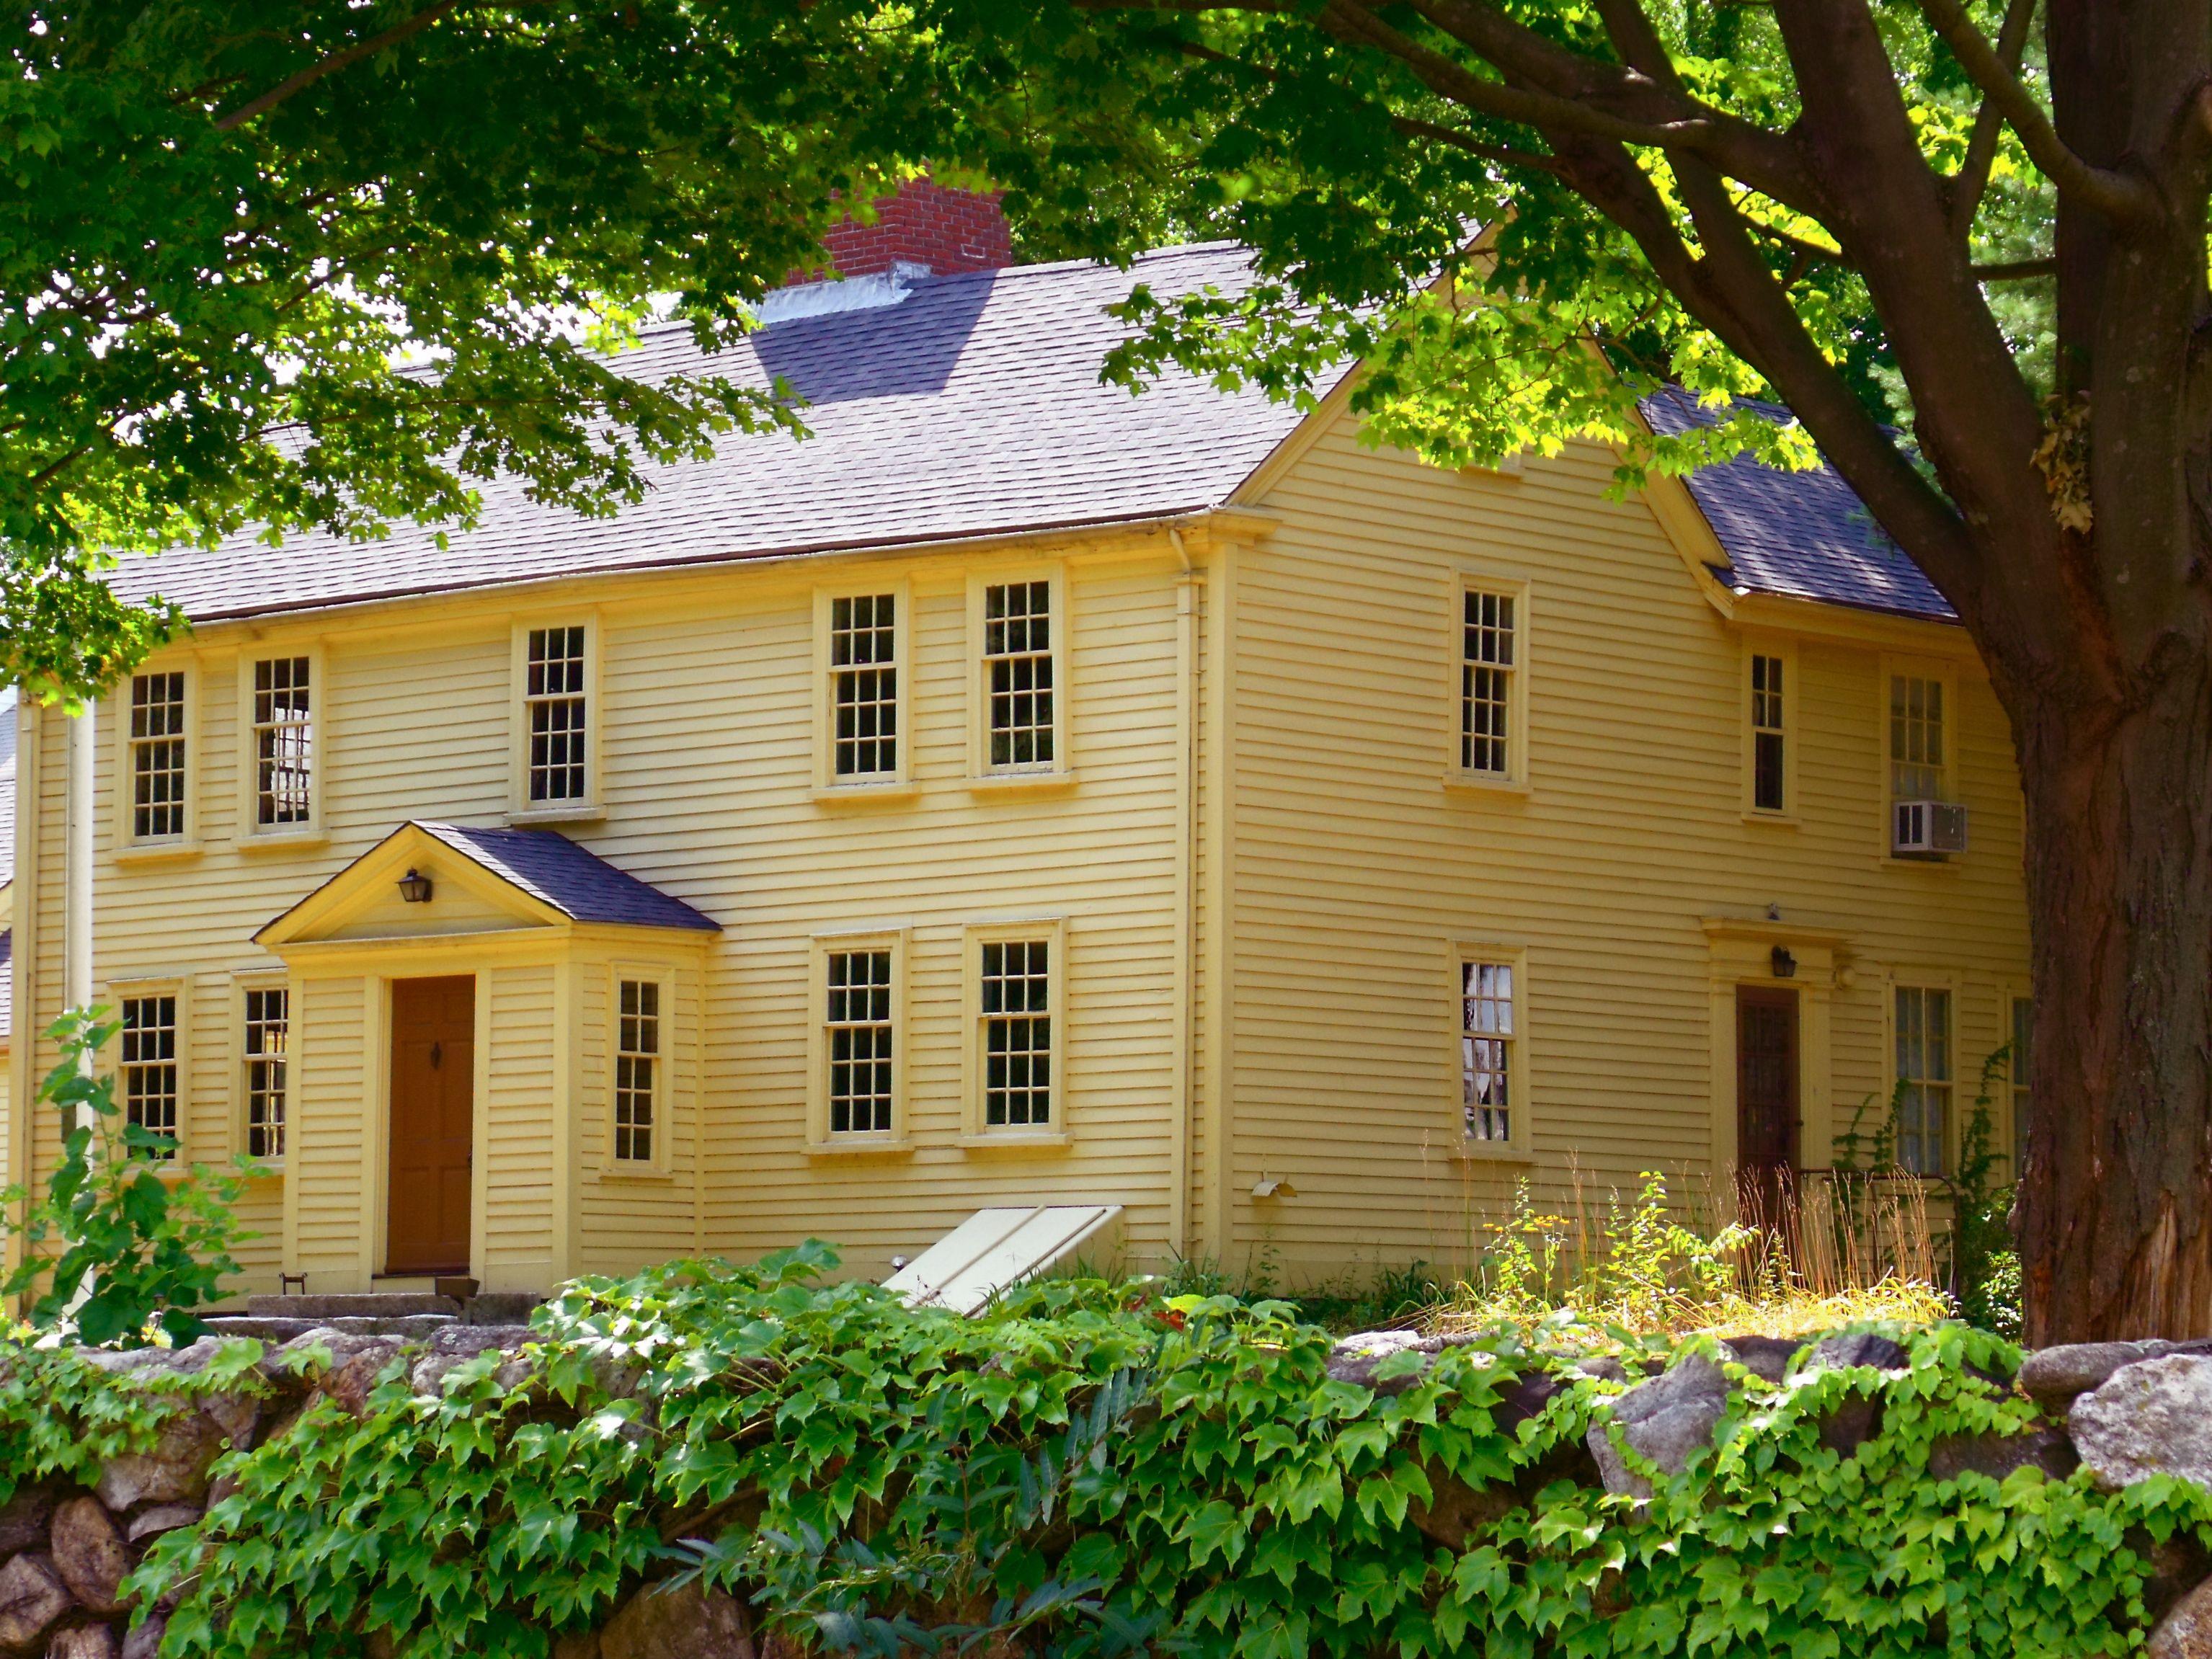 The Jason Russell House Built In 1740 Arlington Ma Colonial House Exteriors House Exterior Colonial House